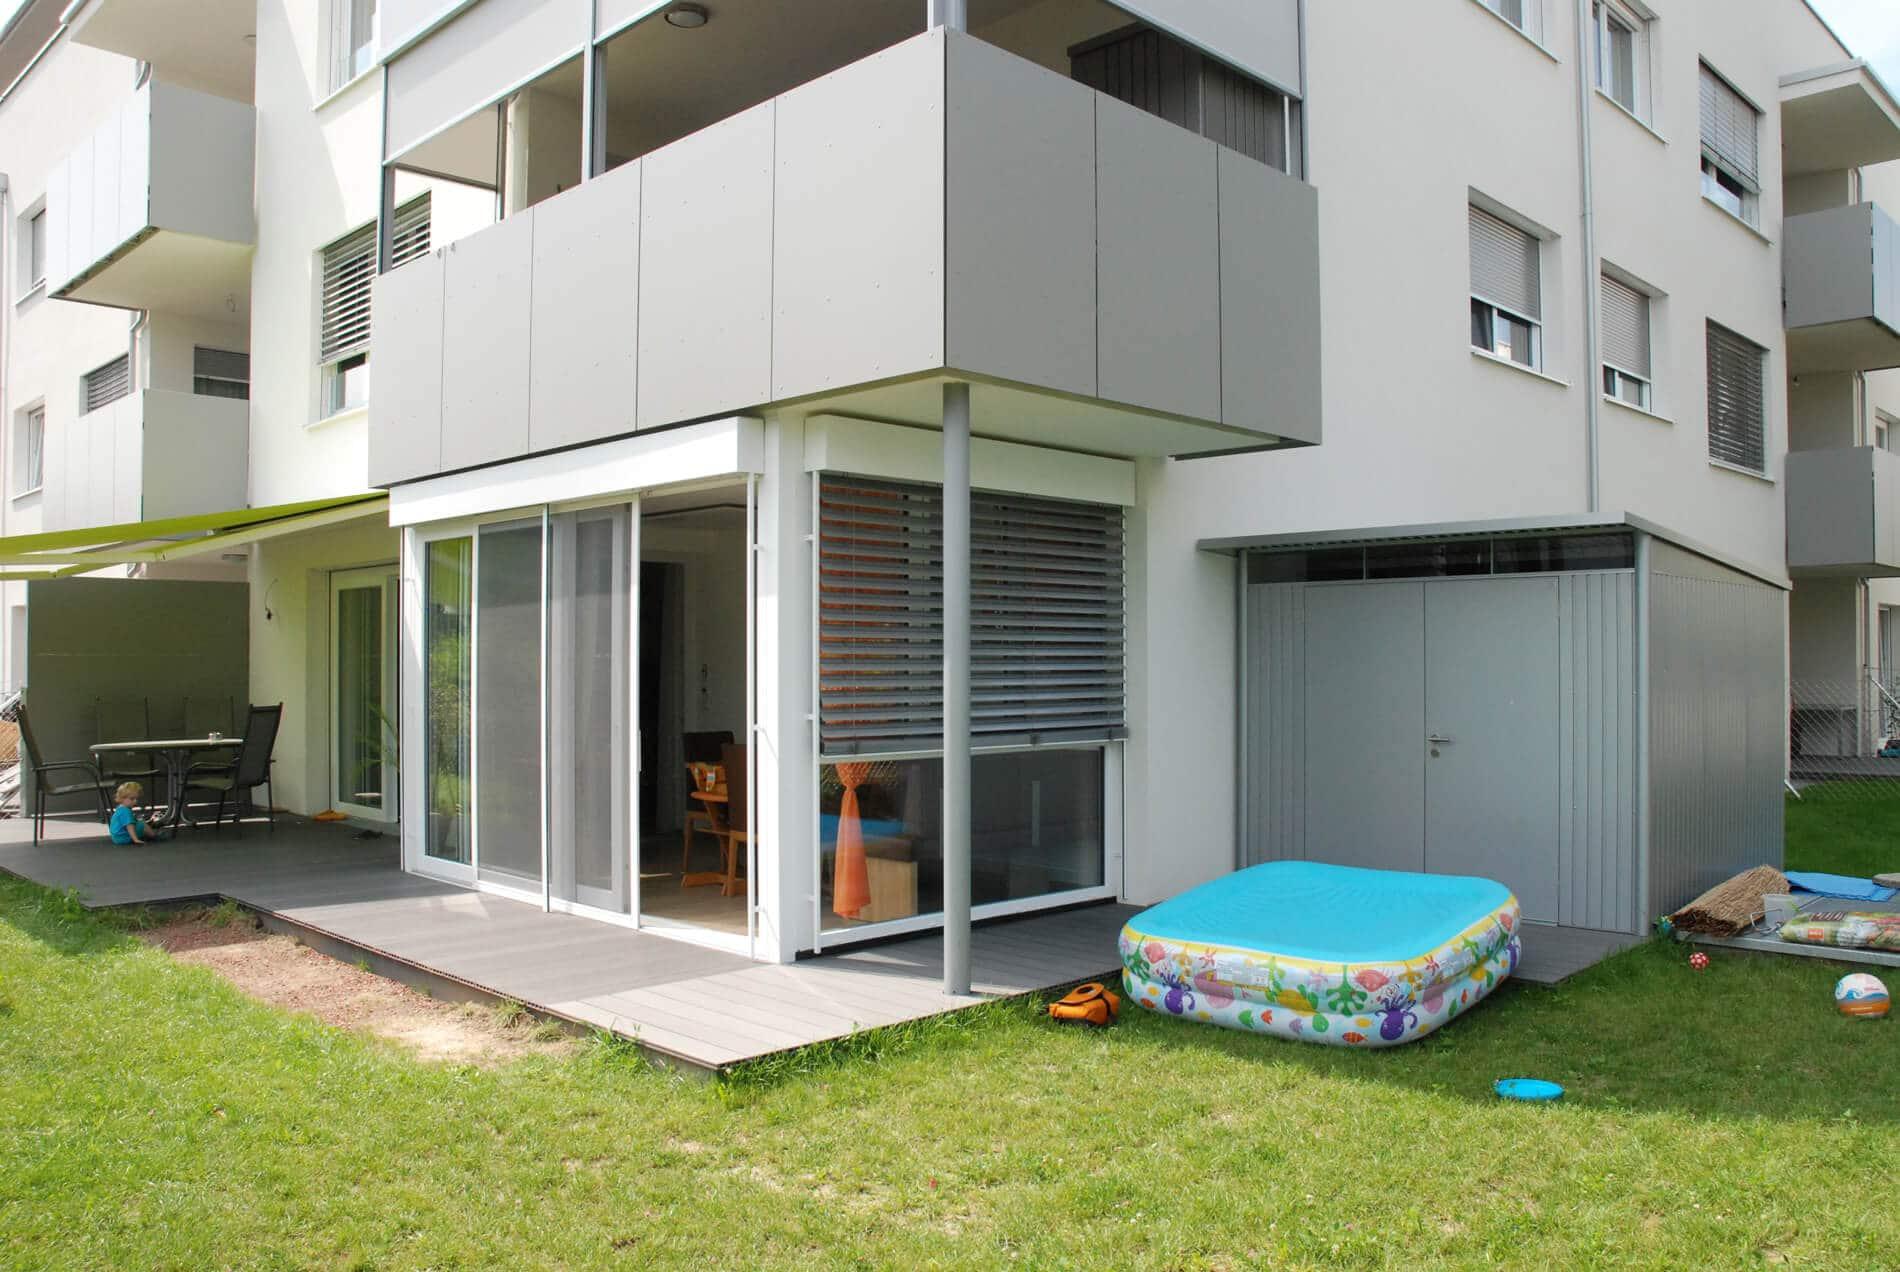 Balkonverkleidung Terrassenverkleidung - Kunststoff weiß